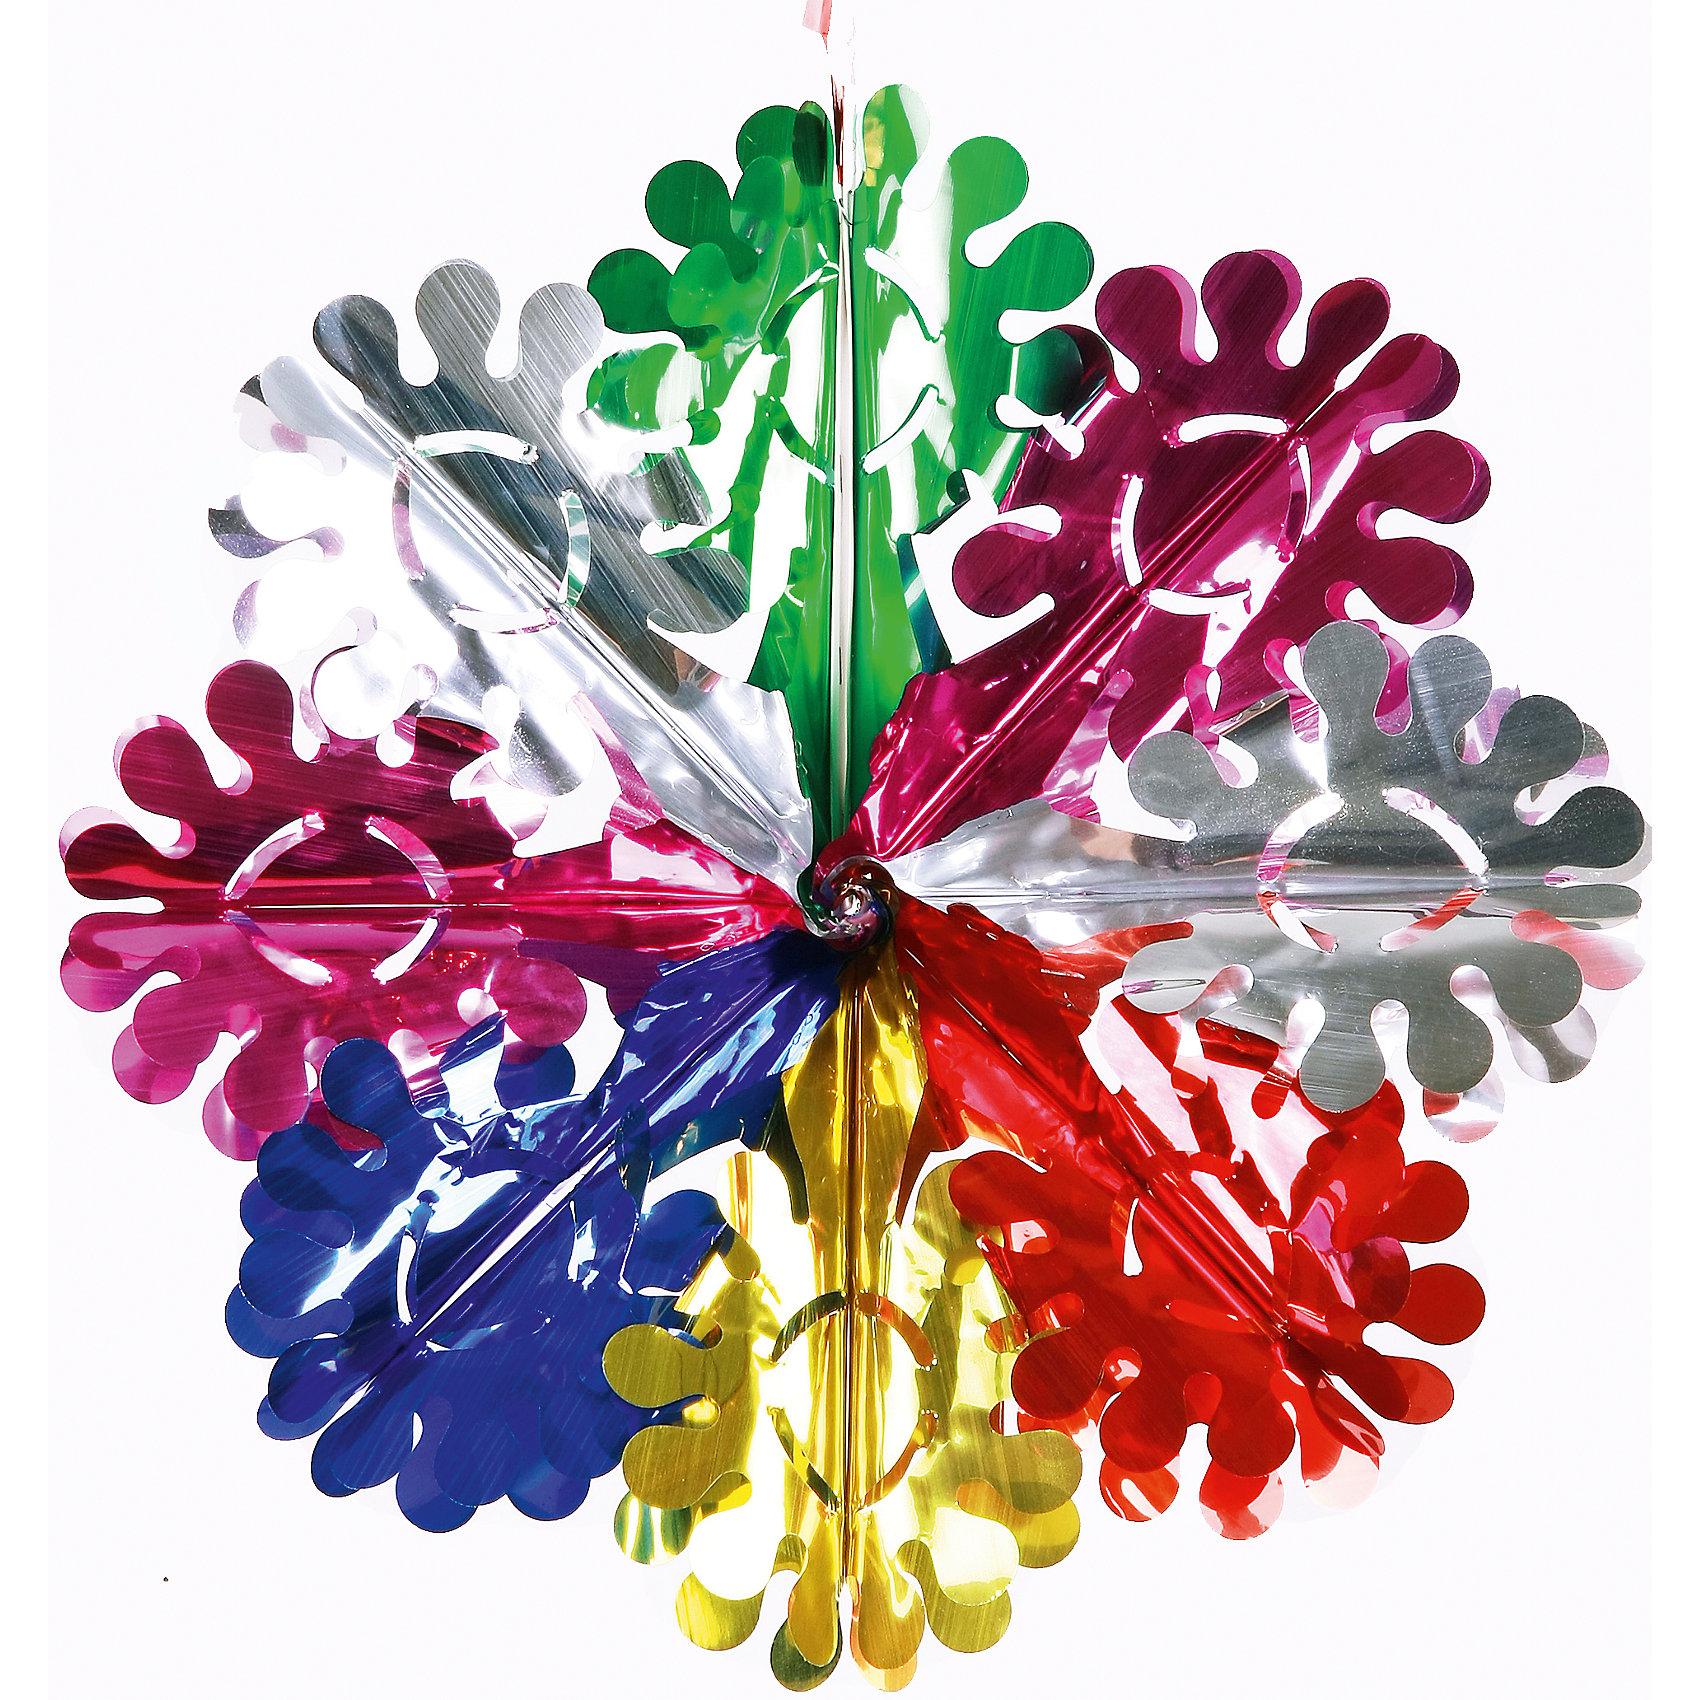 Гирлянда Ажурная снежинка 14*20 смГирлянда Ажурная снежинка 14*20 см - это новогоднее украшение замечательно дополнит праздничный интерьер.<br>Роскошная объемная ажурная снежинка украсит интерьер вашего дома или офиса в преддверии Нового года. Оригинальный дизайн и красочное исполнение создадут праздничное настроение. Новогодние украшения всегда несут в себе волшебство и красоту праздника. Создайте в своем доме атмосферу тепла, веселья и радости, украшая его всей семьей.<br><br>Дополнительная информация:<br><br>- Размер: 14х20 см.<br>- Материал: ПЭТ (полиэтилентерефталат)<br><br>Гирлянду Ажурная снежинка 14*20 см можно купить в нашем интернет-магазине.<br><br>Ширина мм: 100<br>Глубина мм: 100<br>Высота мм: 60<br>Вес г: 260<br>Возраст от месяцев: 36<br>Возраст до месяцев: 2147483647<br>Пол: Унисекс<br>Возраст: Детский<br>SKU: 4981525